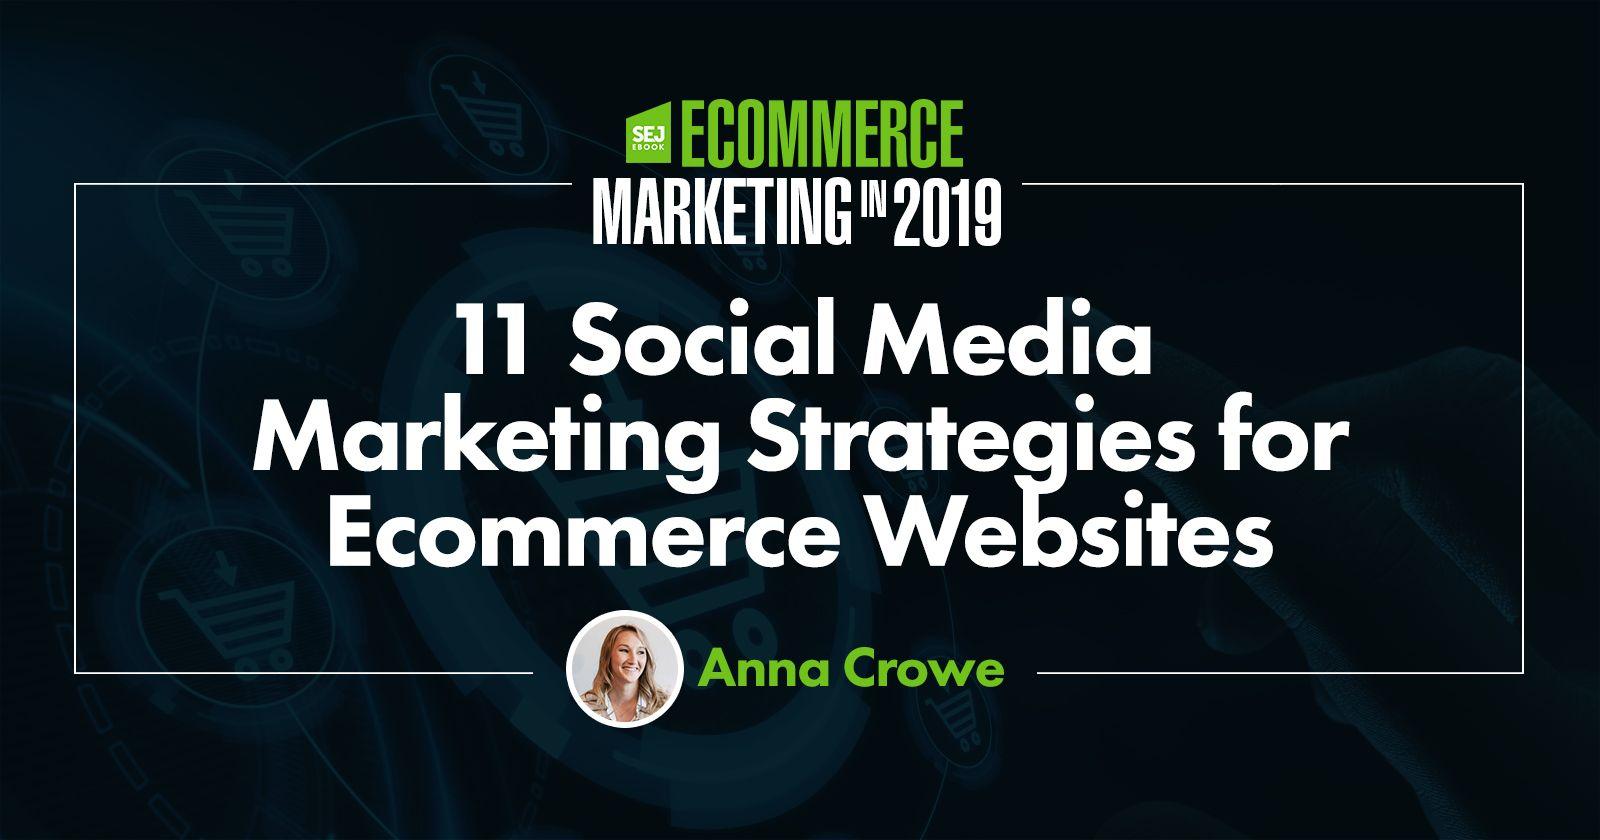 11 Social Media Marketing Strategies For Ecommerce Websites Marketing Strategy Social Media Ecommerce Marketing Marketing Topics